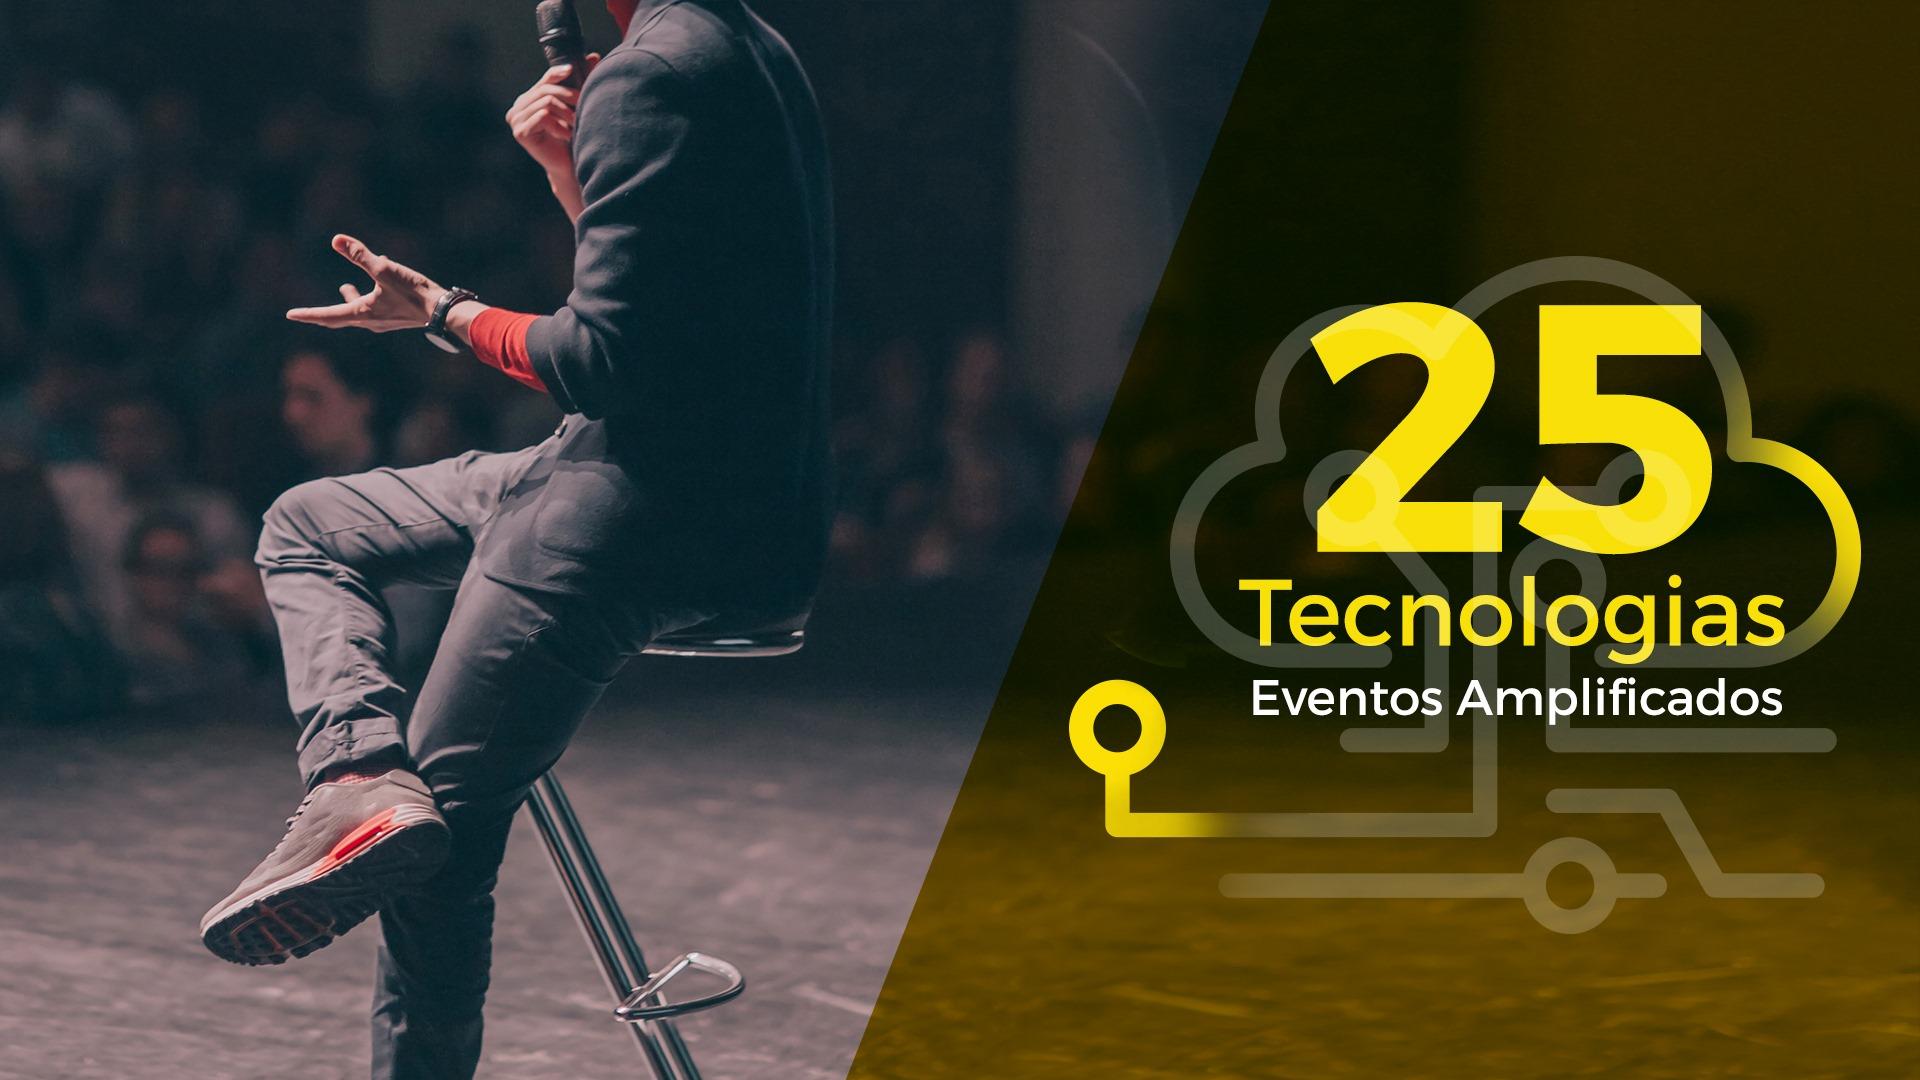 Eventos Amplificados - 25 Tecnologias _ AP PORTUGAL